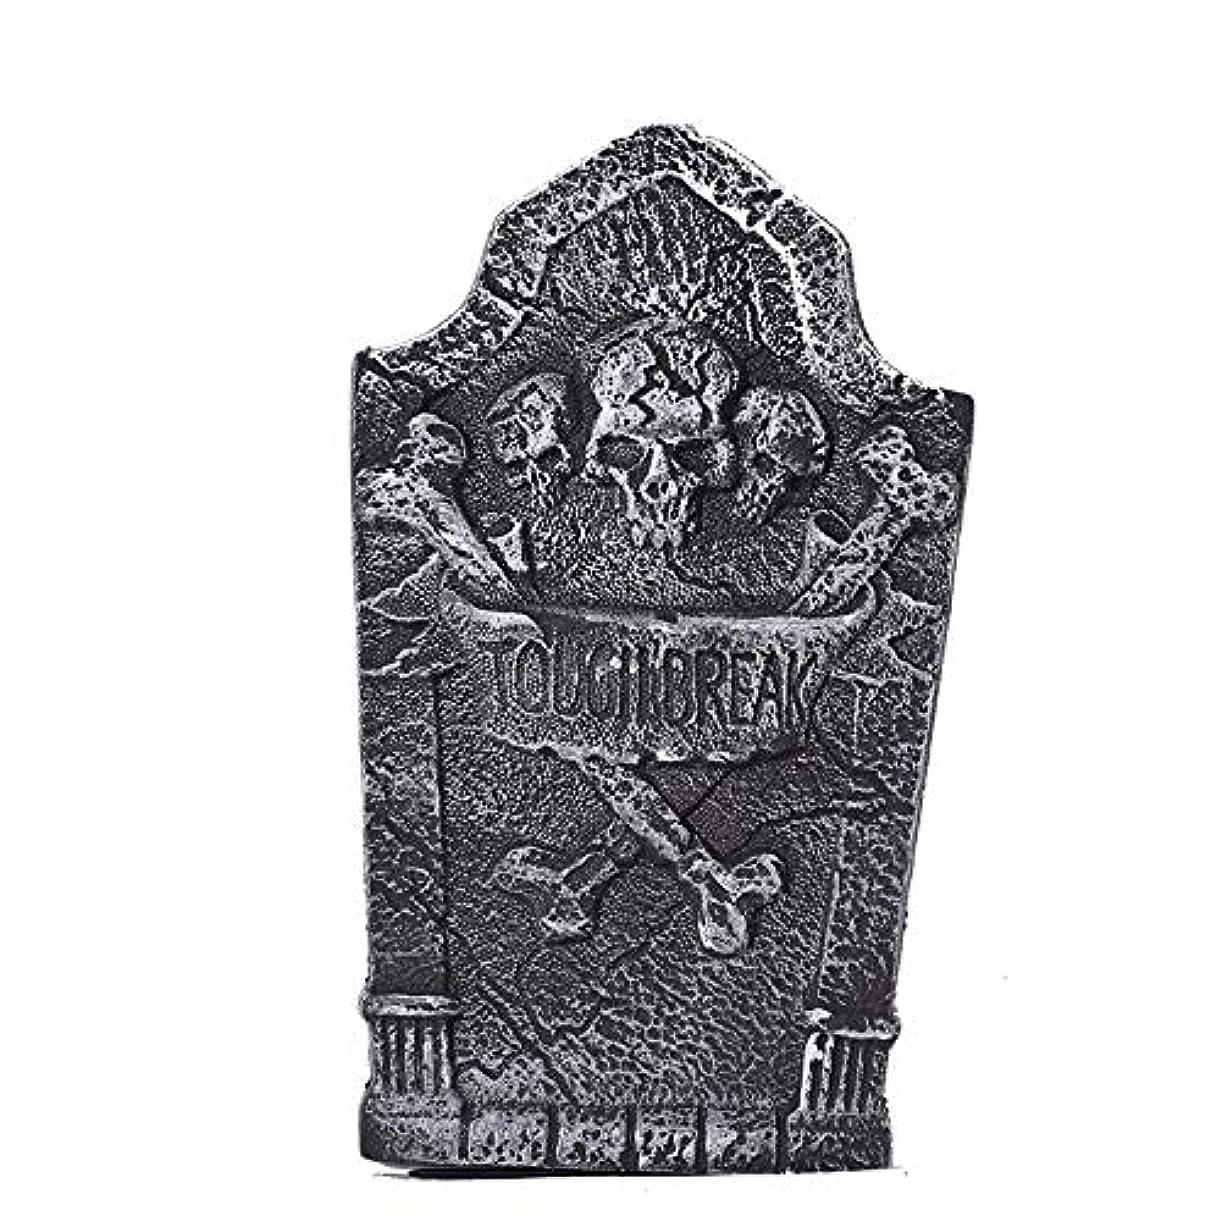 マウンド債務者賞ETRRUU HOME ハロウィン小道具スカルトゥームストーンバータトゥーショップ秘密の部屋の装飾怖い全体の装飾